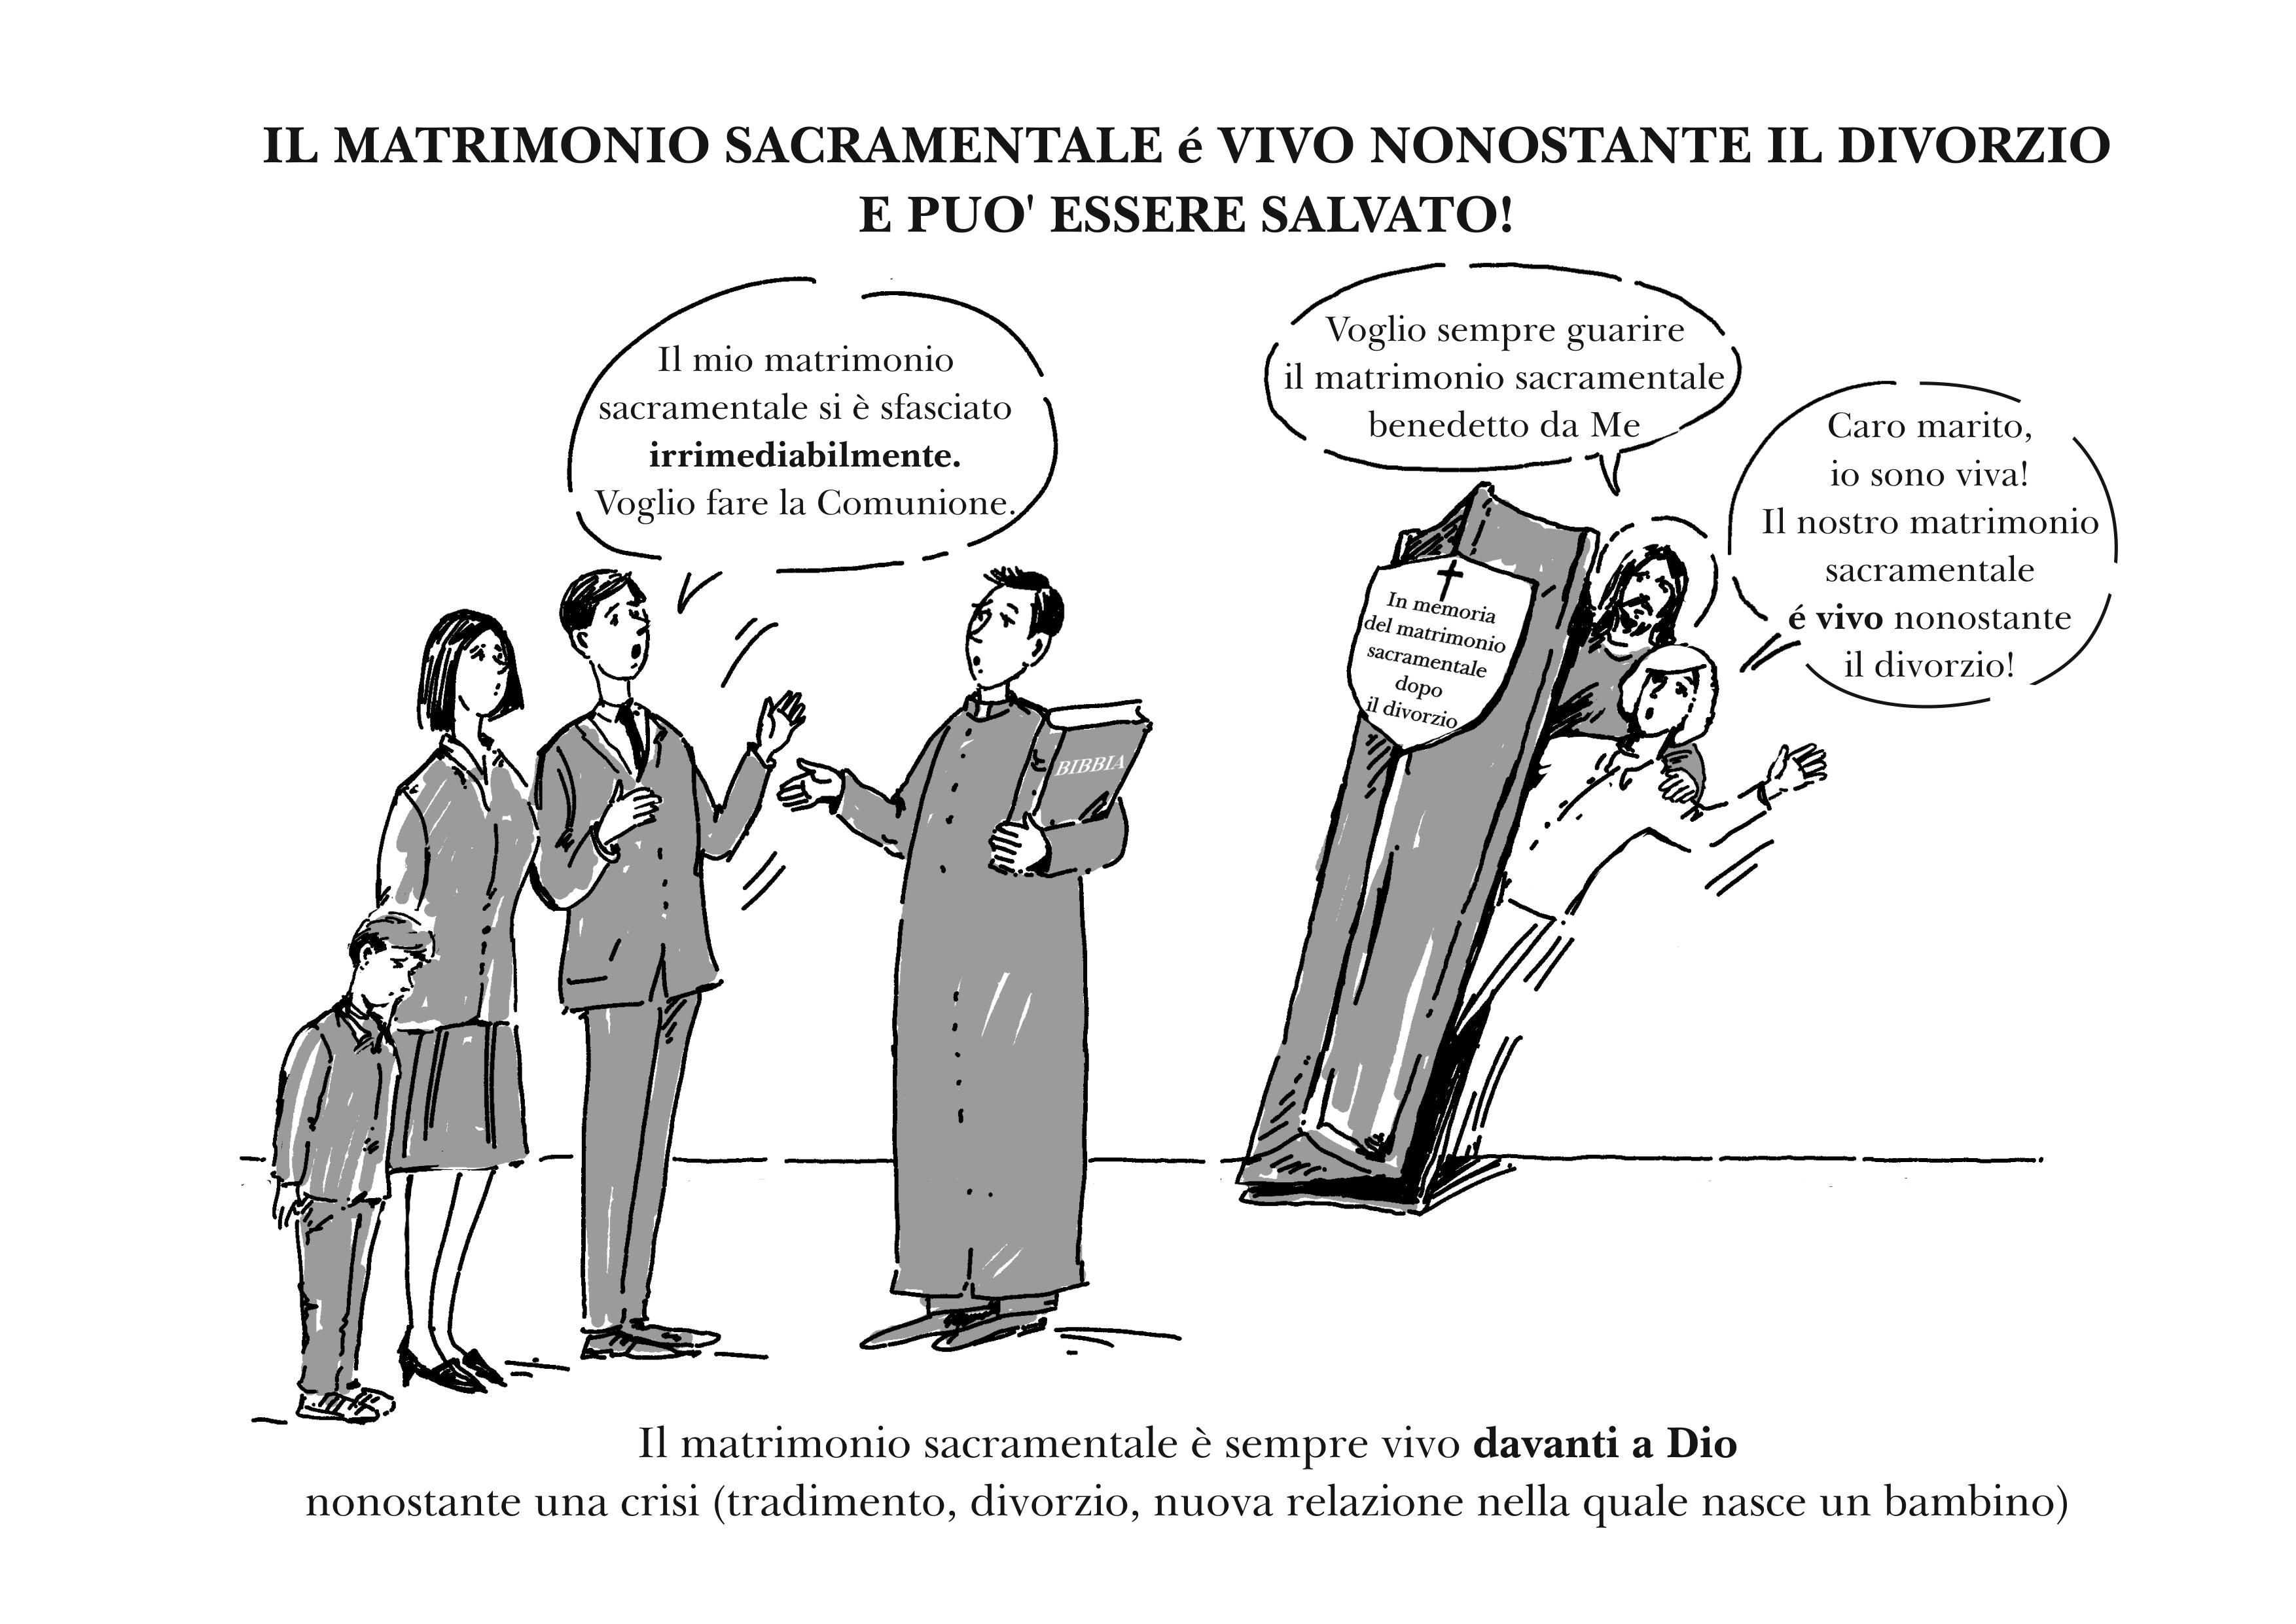 Il-matrimonio-sacramentale-e-vivo-nonostante-il-divorzio-e-puo-essere-salvato